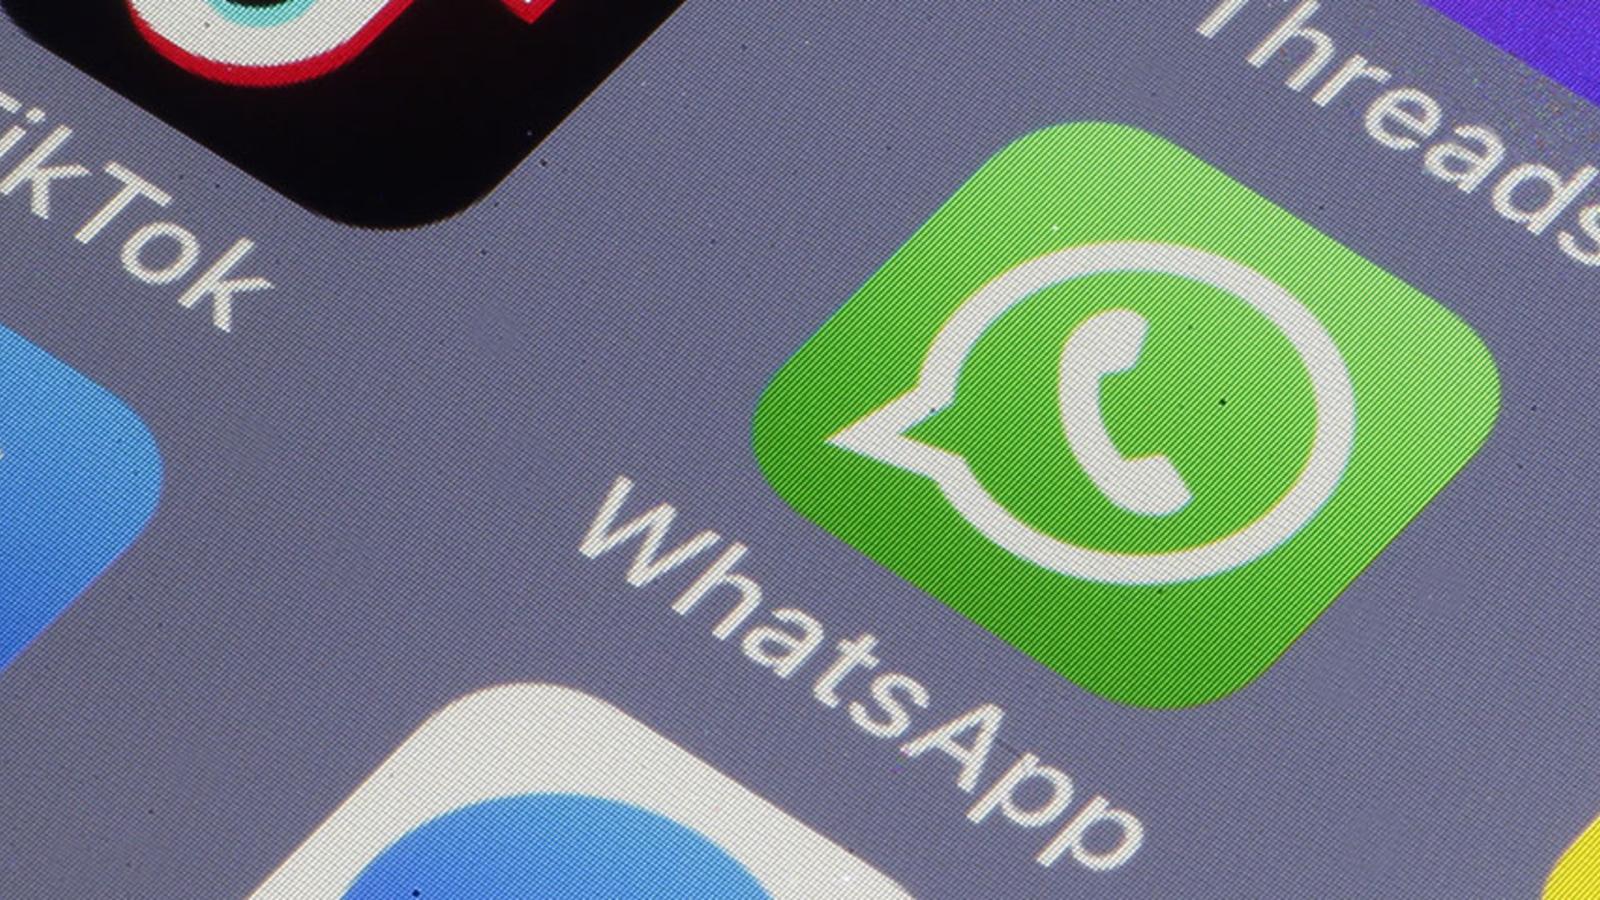 Leere nachricht iphone whatsapp schicken WhatsApp auf